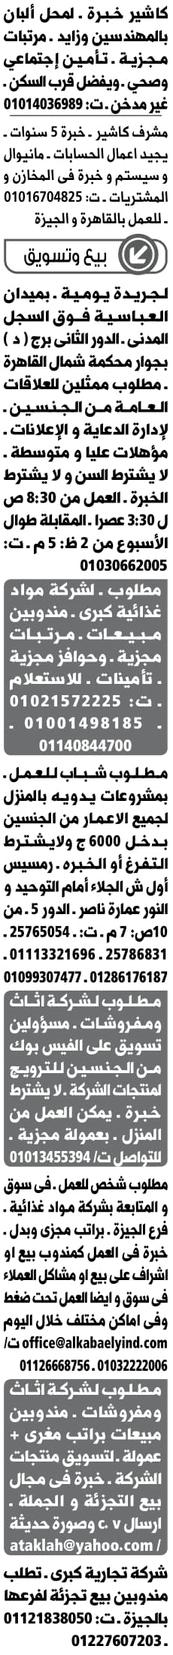 وظائف جريدة الوسيط مصر الأثنين 15/4/2019 6